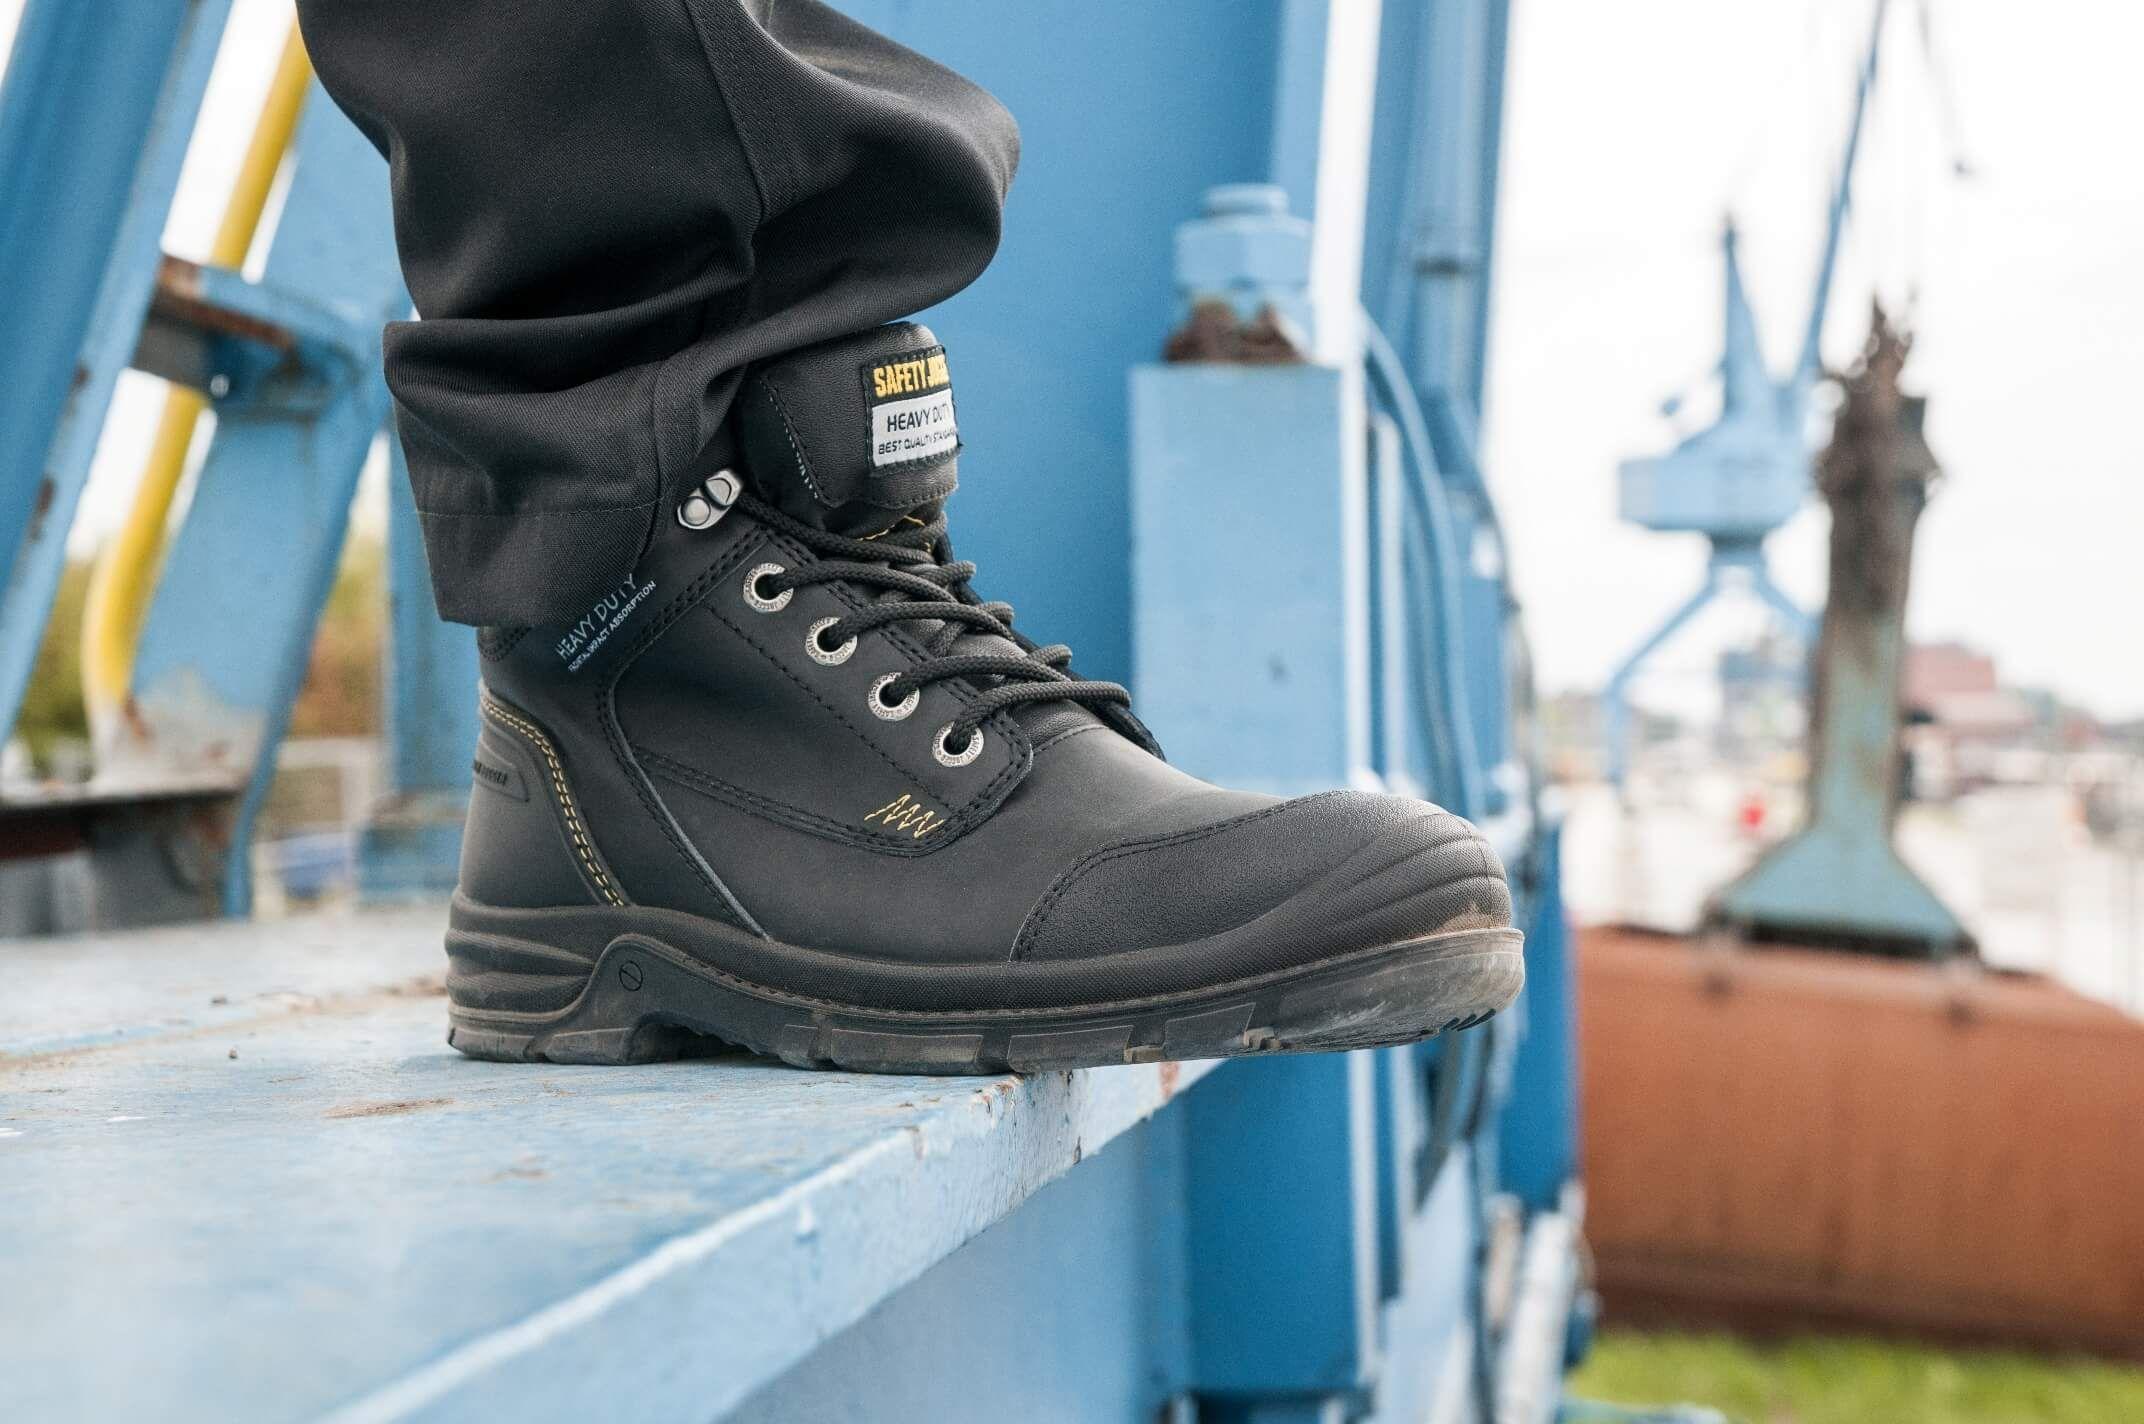 Choisir la meilleure chaussure de sécurité.Des chaussures